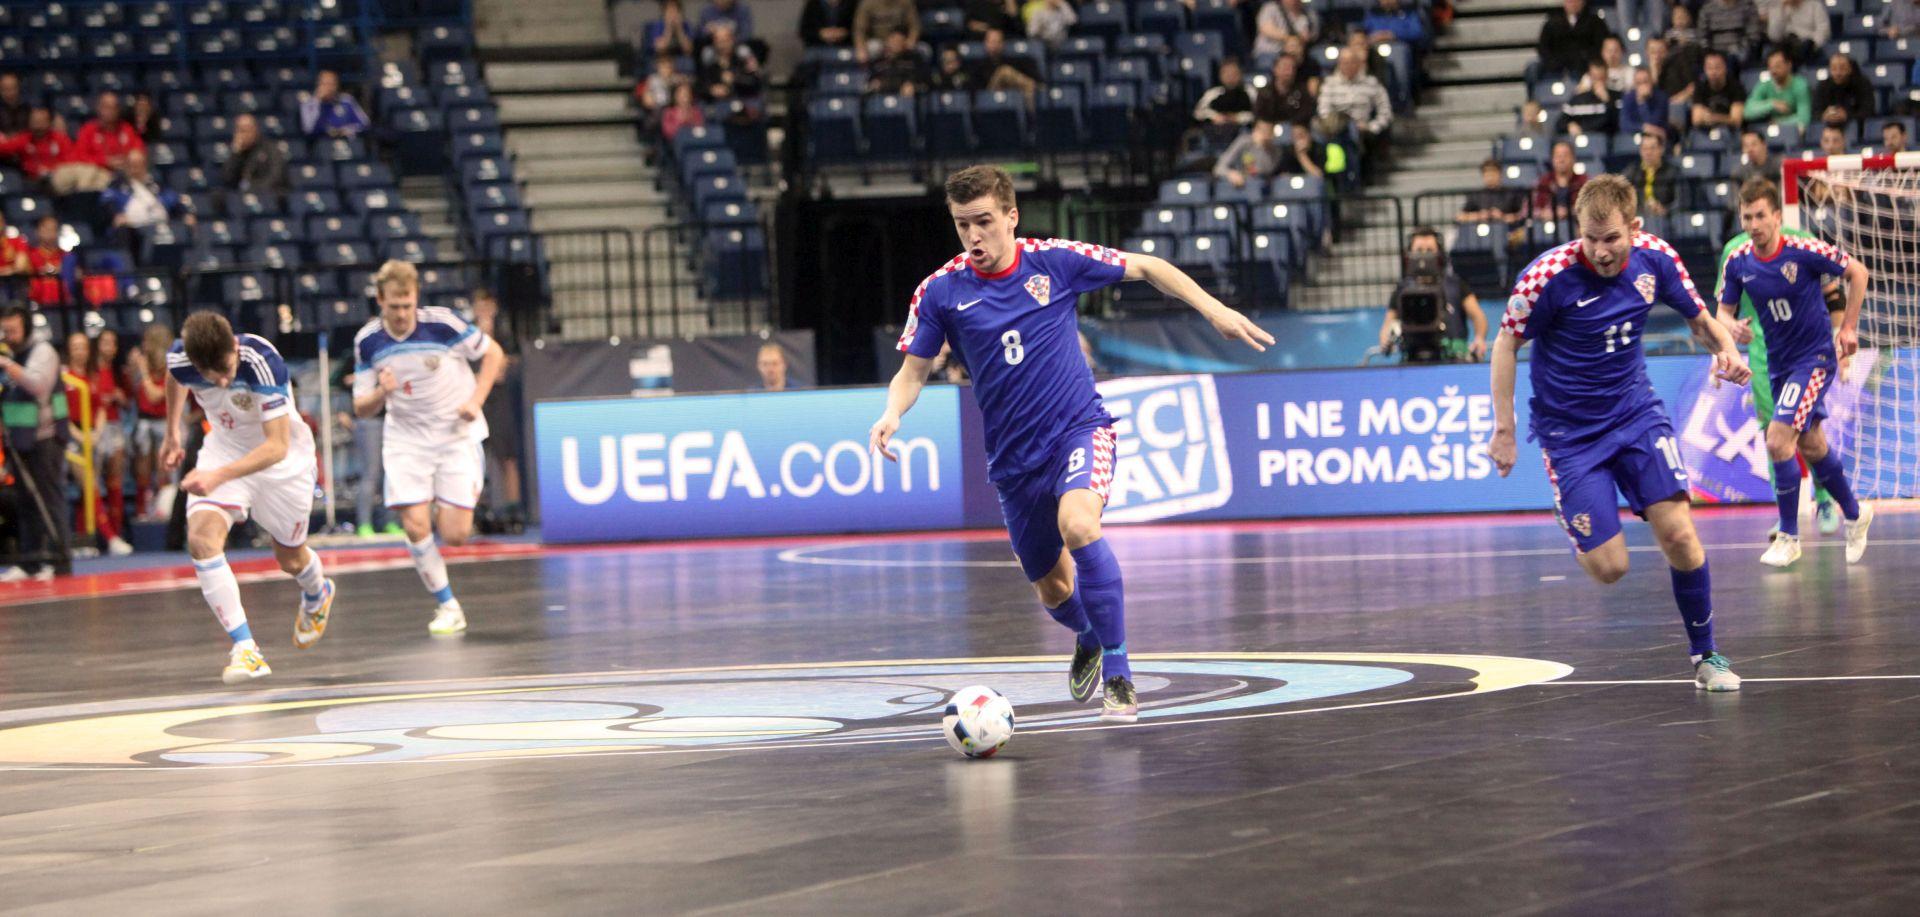 Hrvatska futsal reprezentacija ostala bez direktnog plasmana na EP